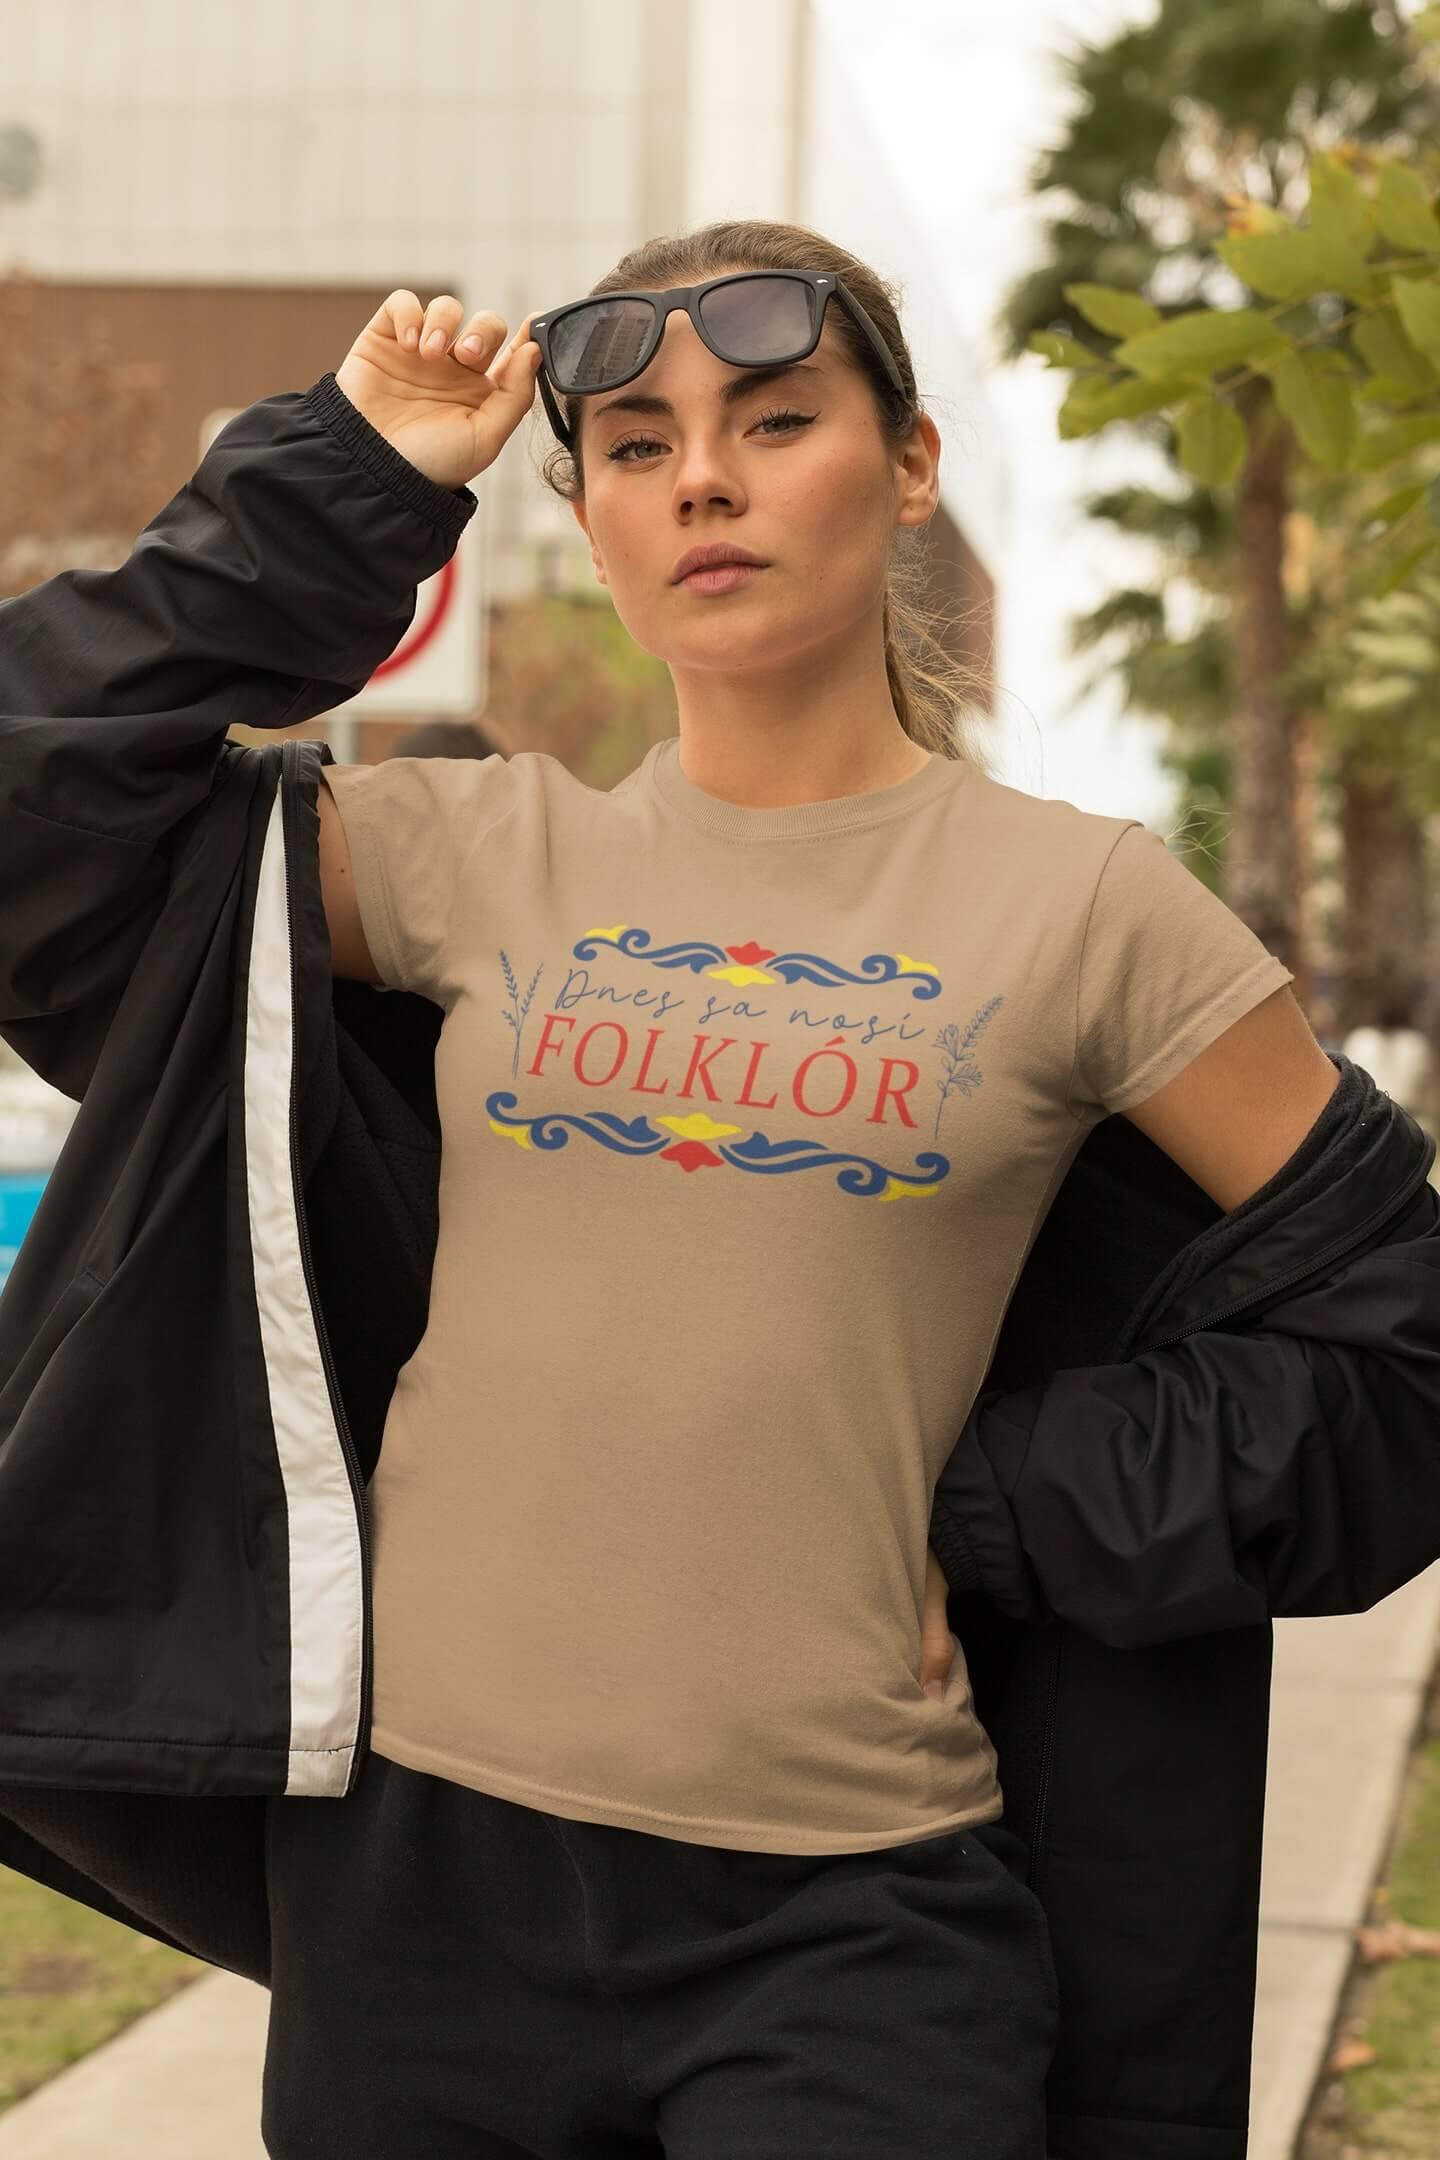 MMO Dámske tričko dnes sa nosí folklór Vyberte farbu: Piesková, Vyberte veľkosť: S